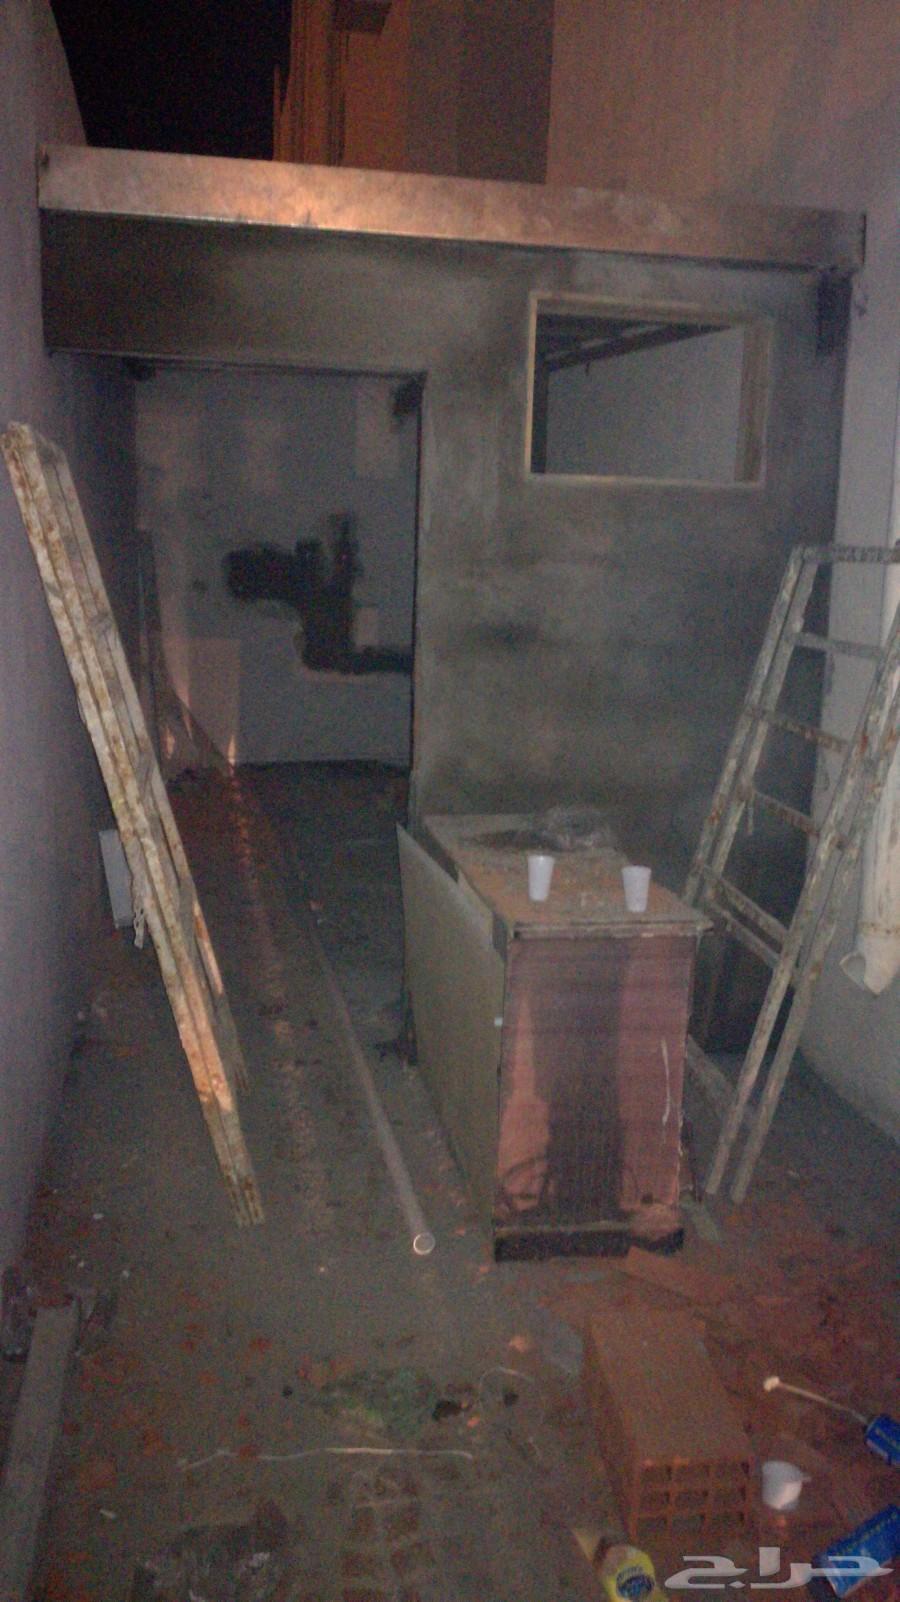 مقاول ترميم سباكه بناء بويات غرف ملاحق